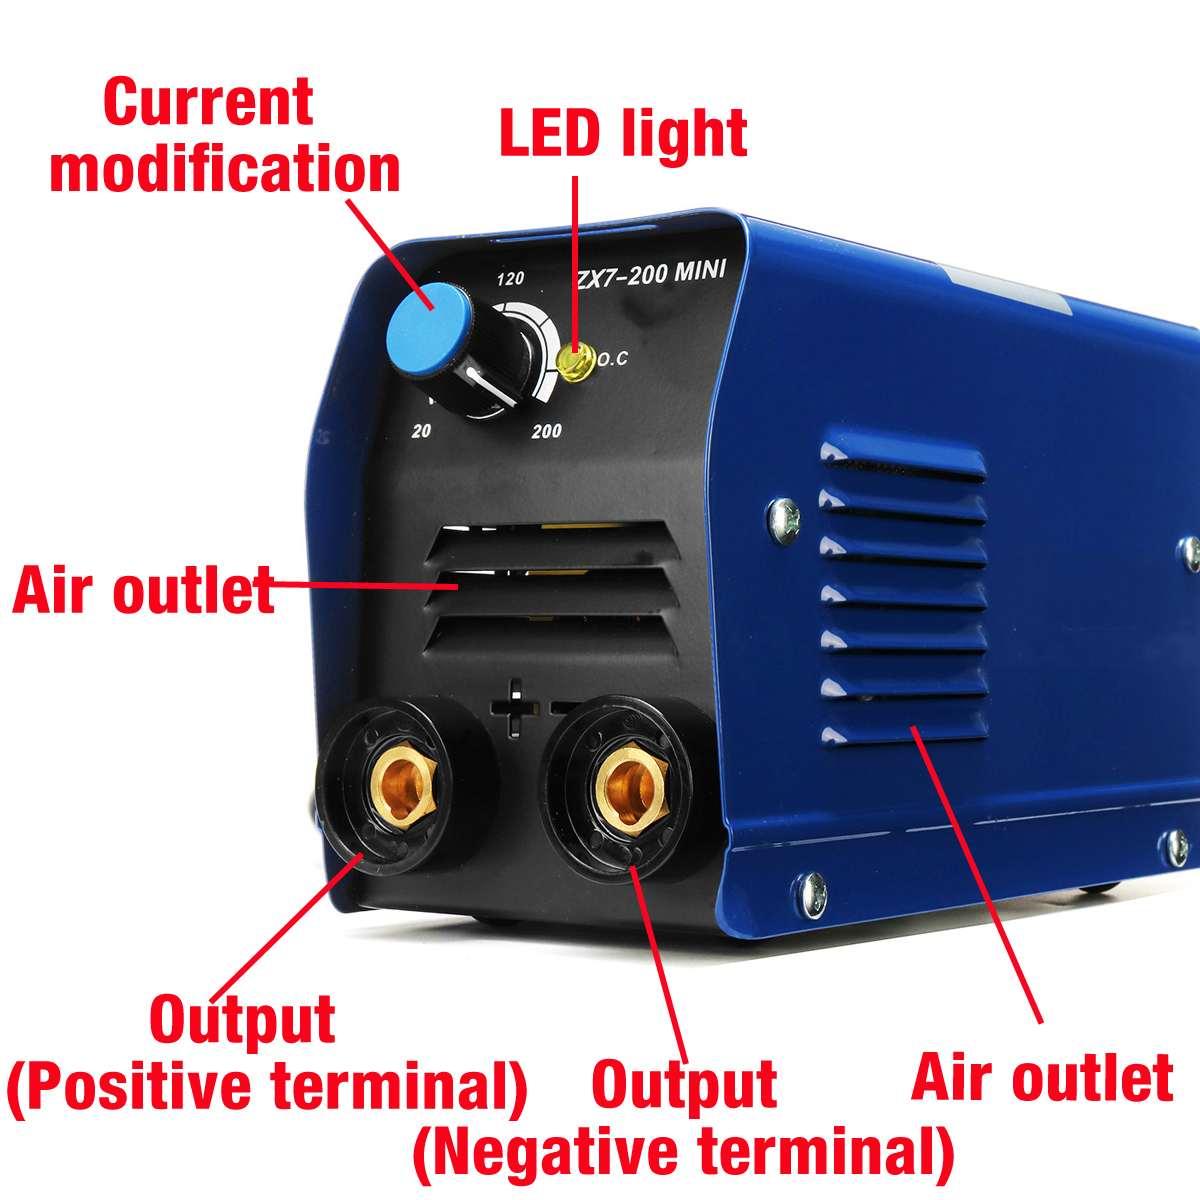 220V ZX7-200 MINI Elektrische Schweißer Haushalts Kleine Inverter DC Tragbare Kupfer Core Schweißen Maschine Blau